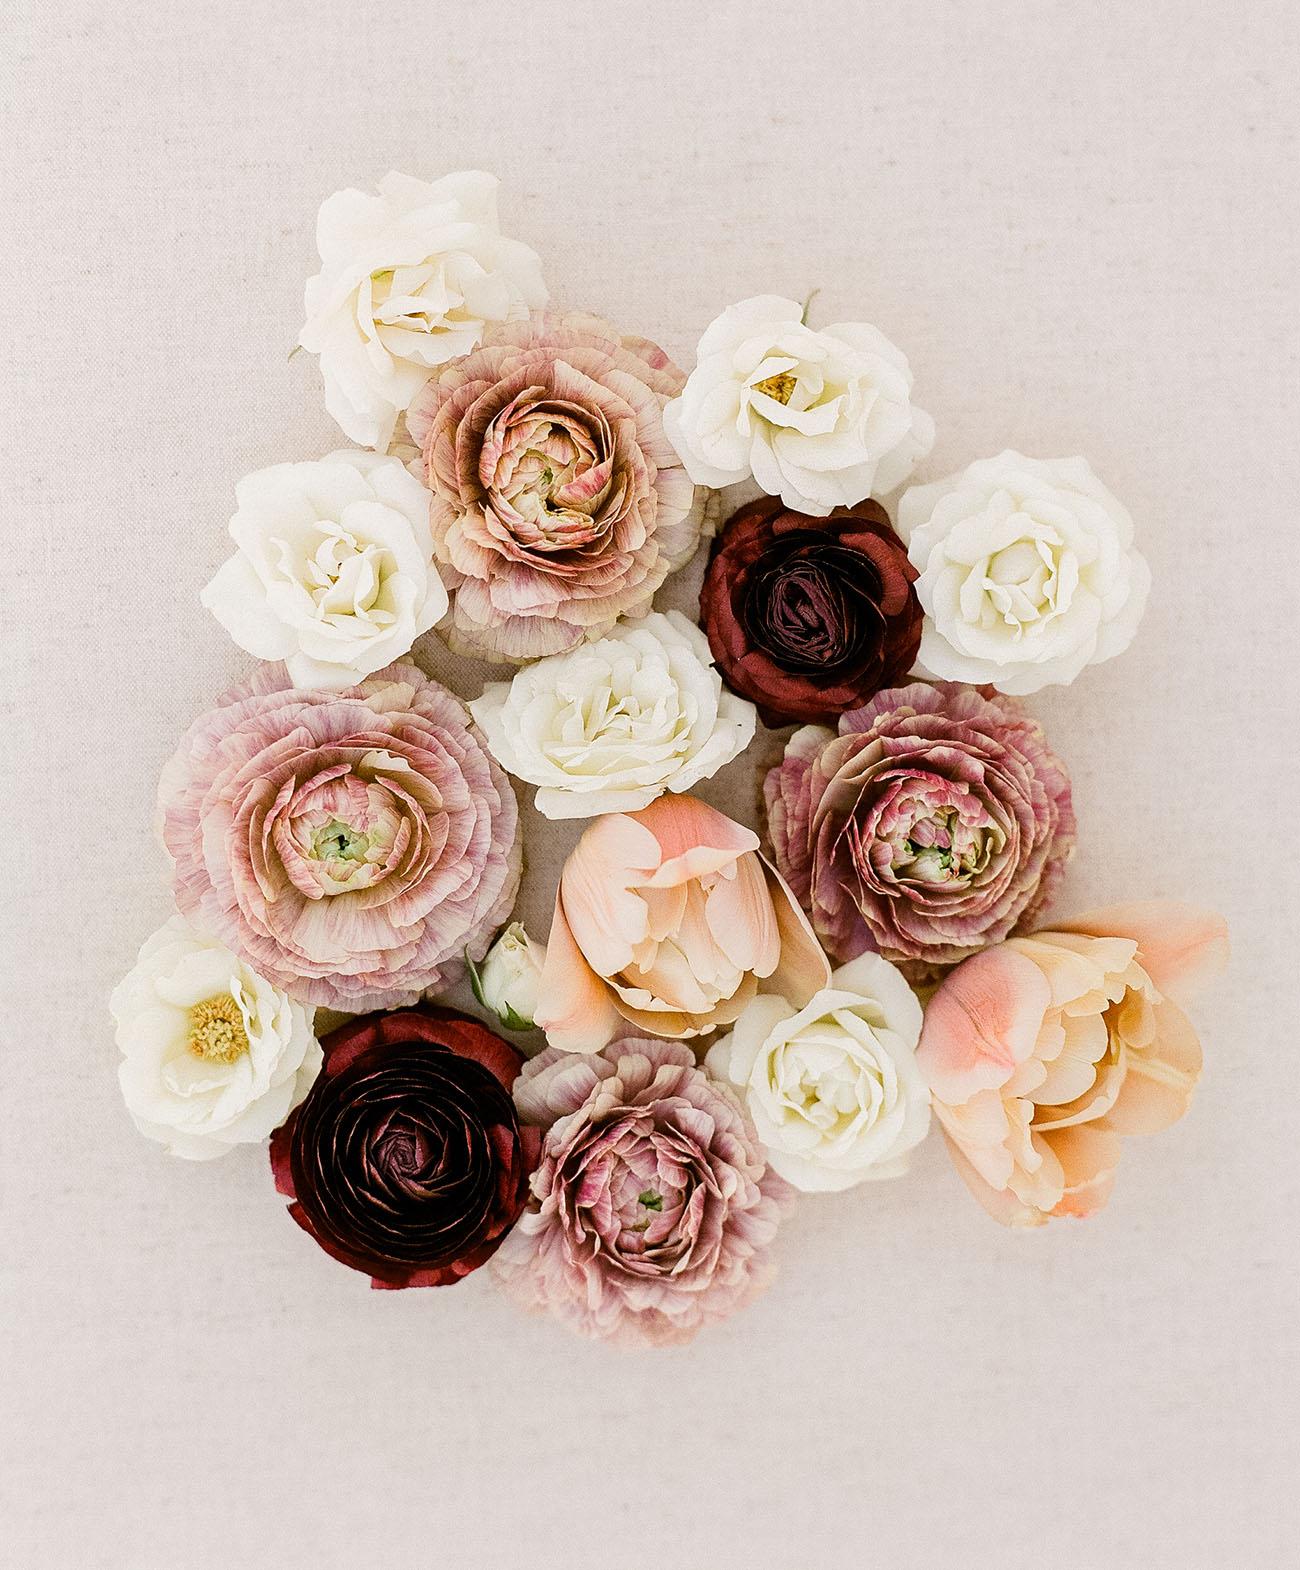 garden roses and ranunculs